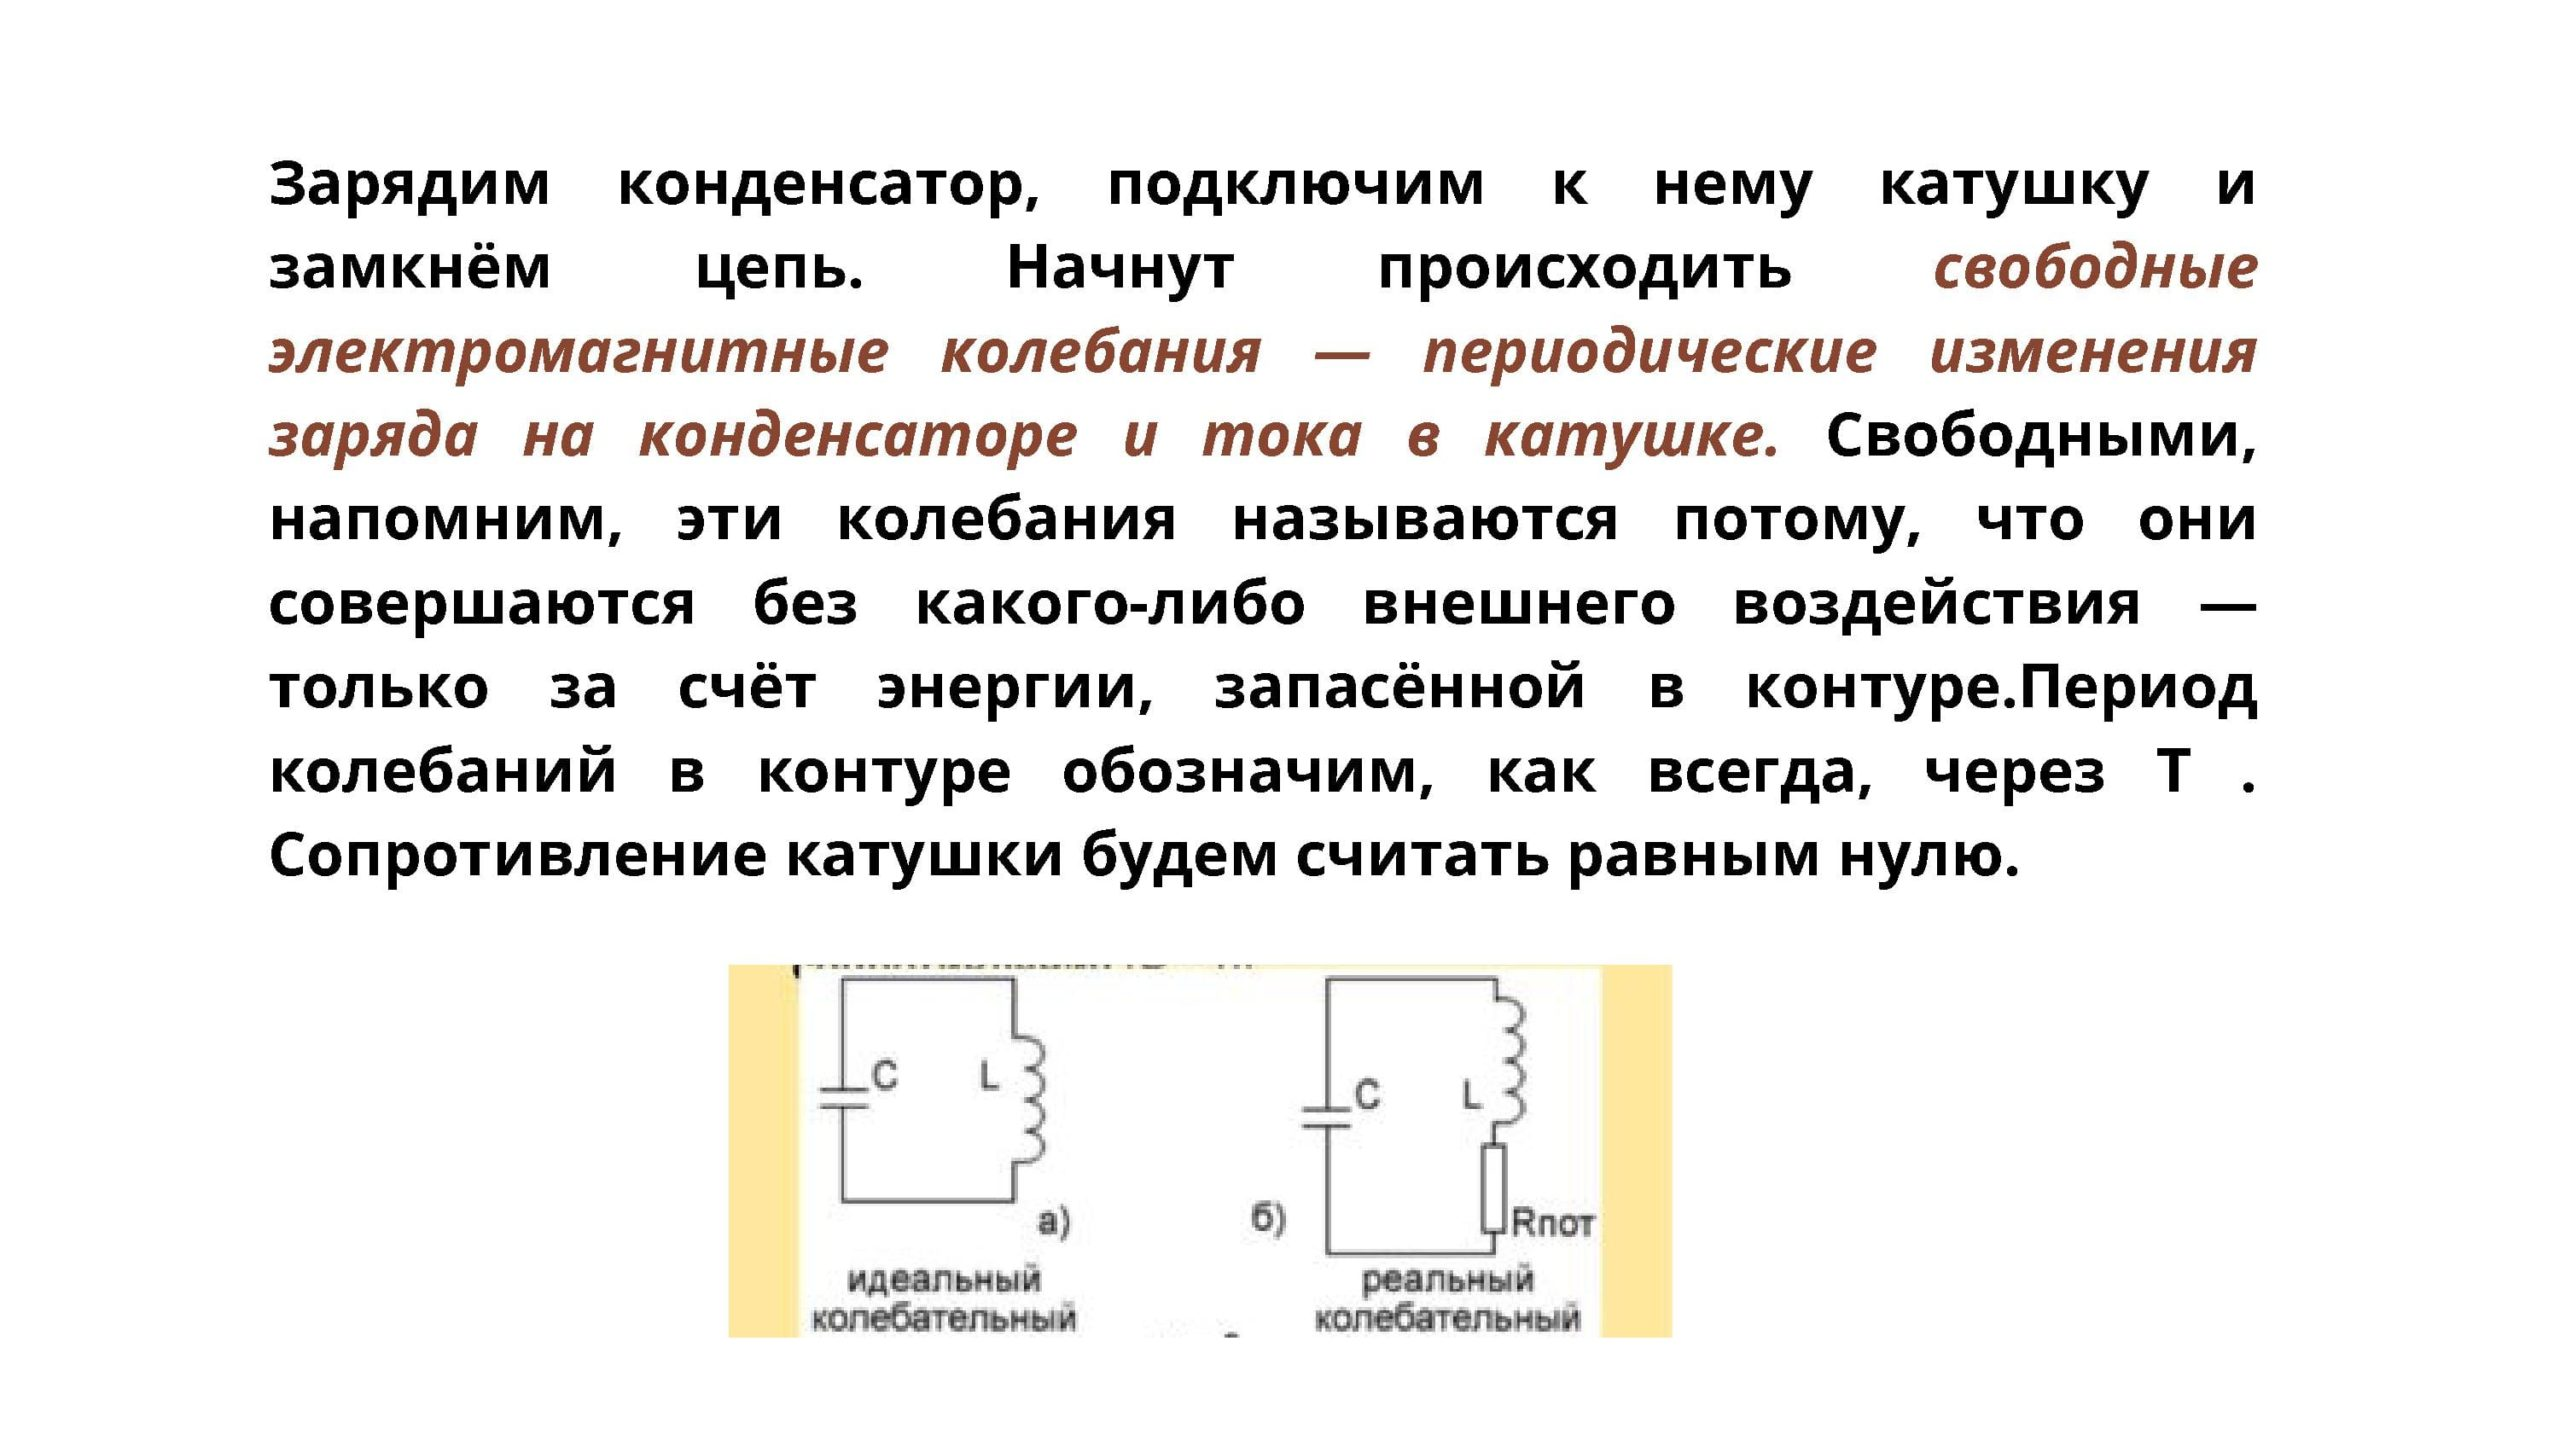 Свободные электромагнитные колебания - периодические изменения заряда